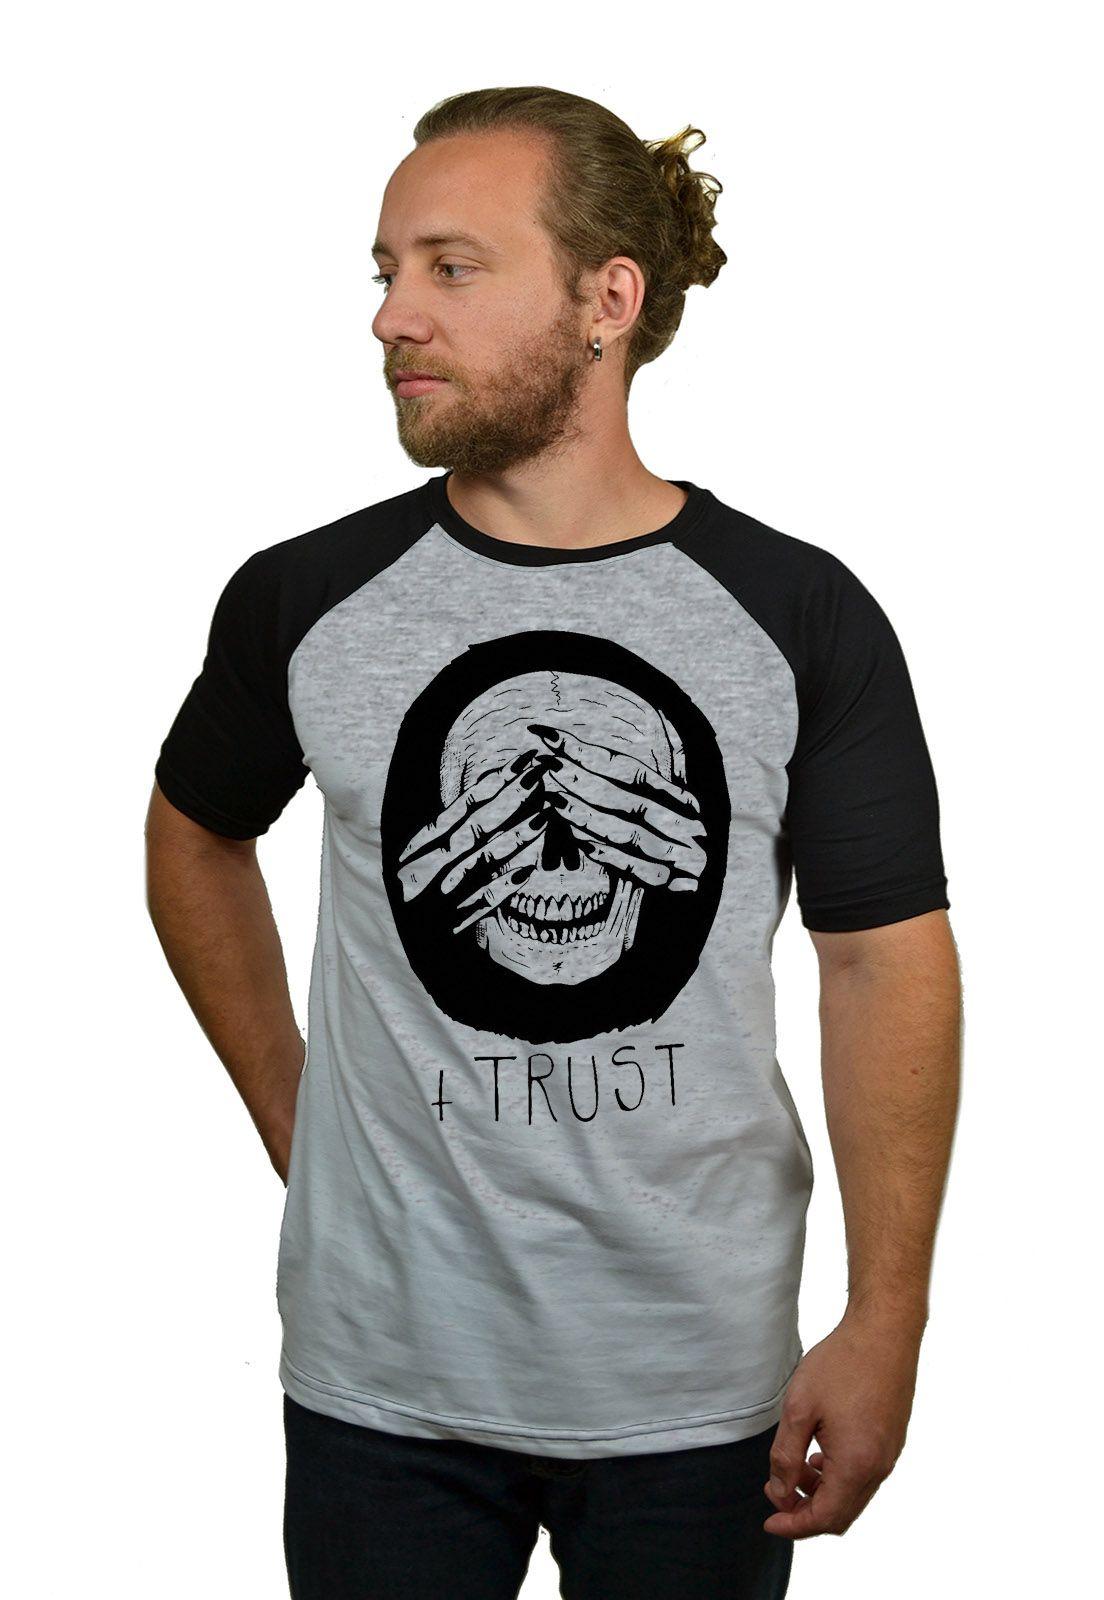 Camiseta Raglan Hshop Trust Me - Cinza Mescla com Preto  - HShop